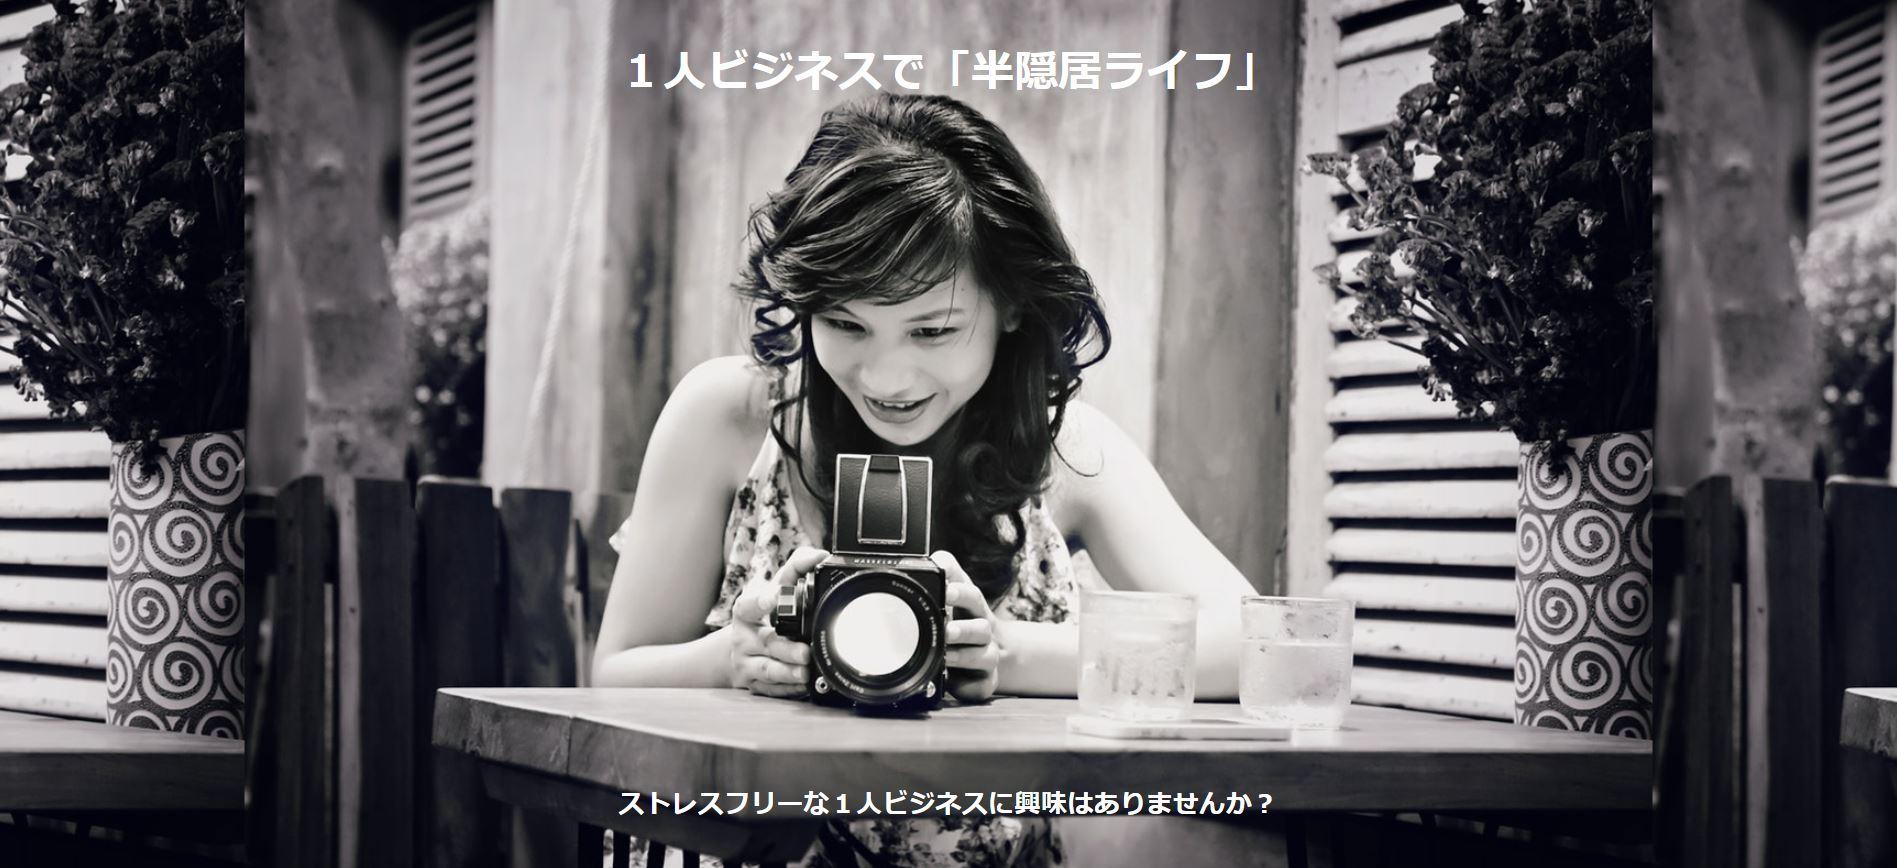 【登録無料】ebay中古フィルムカメラ輸出講座を始めよう♪